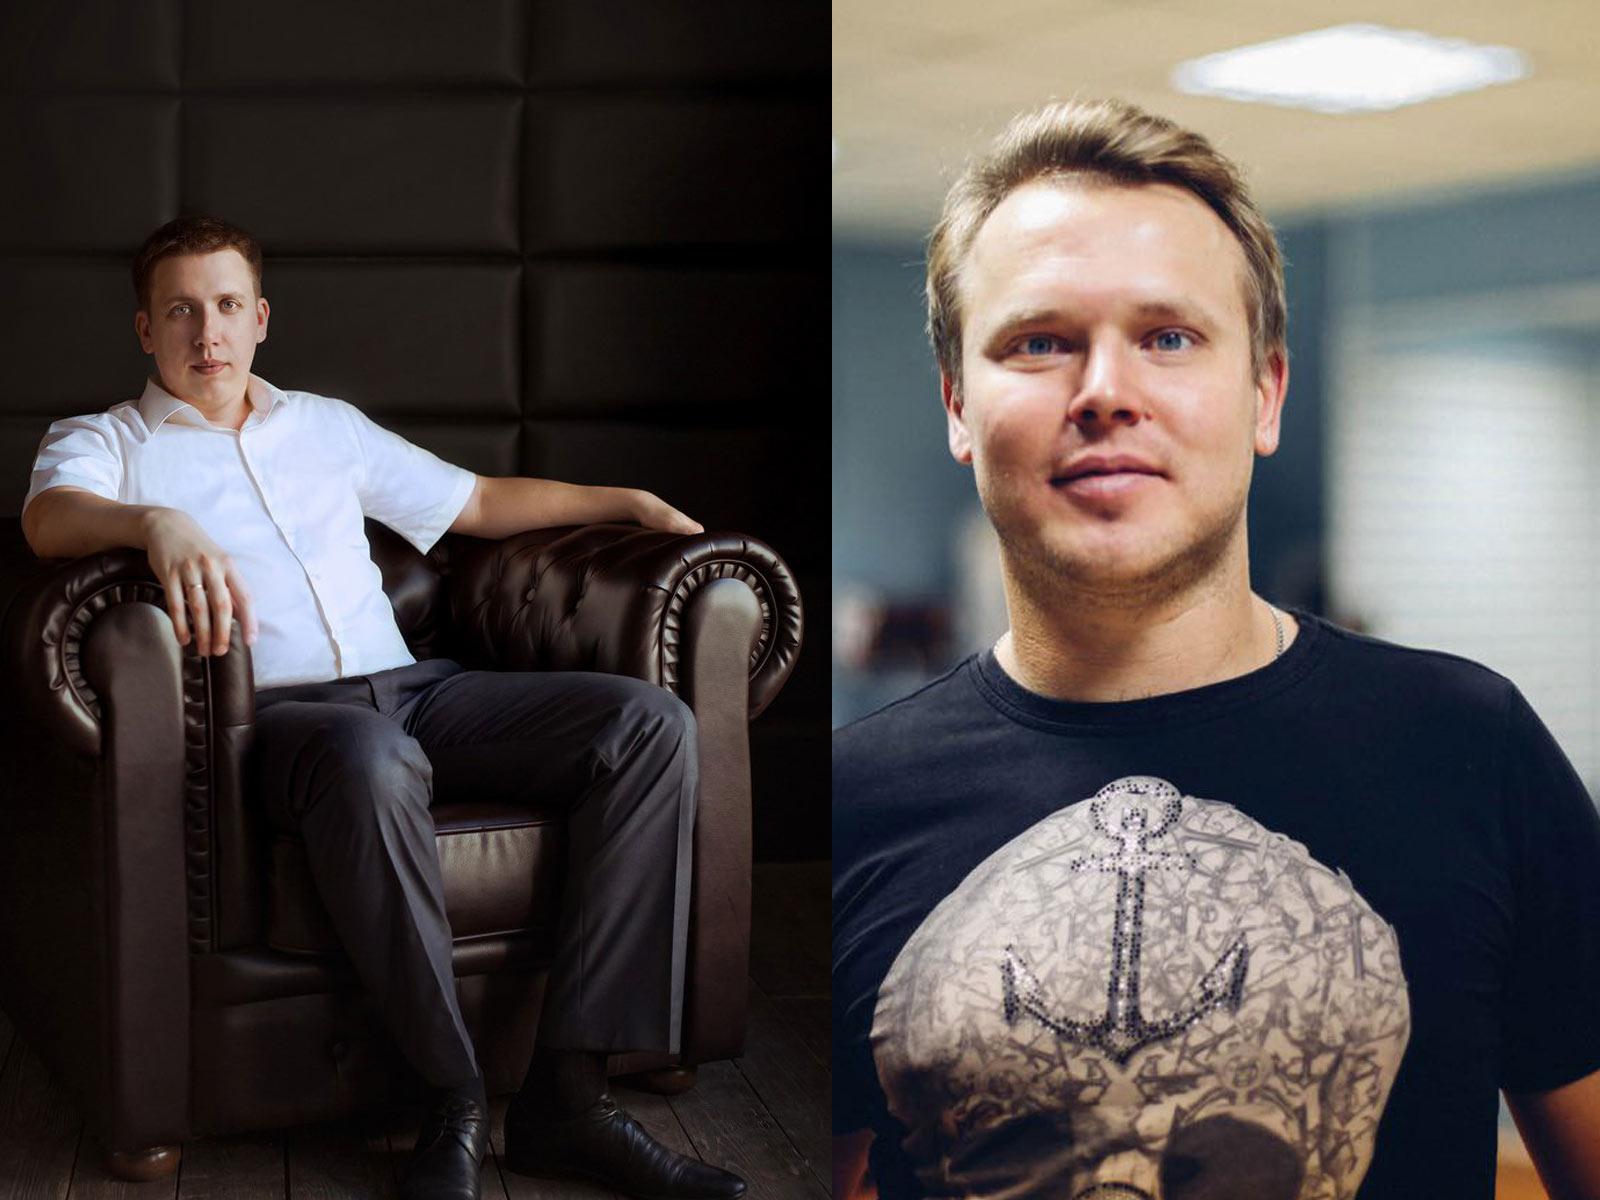 Илья Музыка и Виктор Зорин. Почему контекстная реклама сливает бюджет